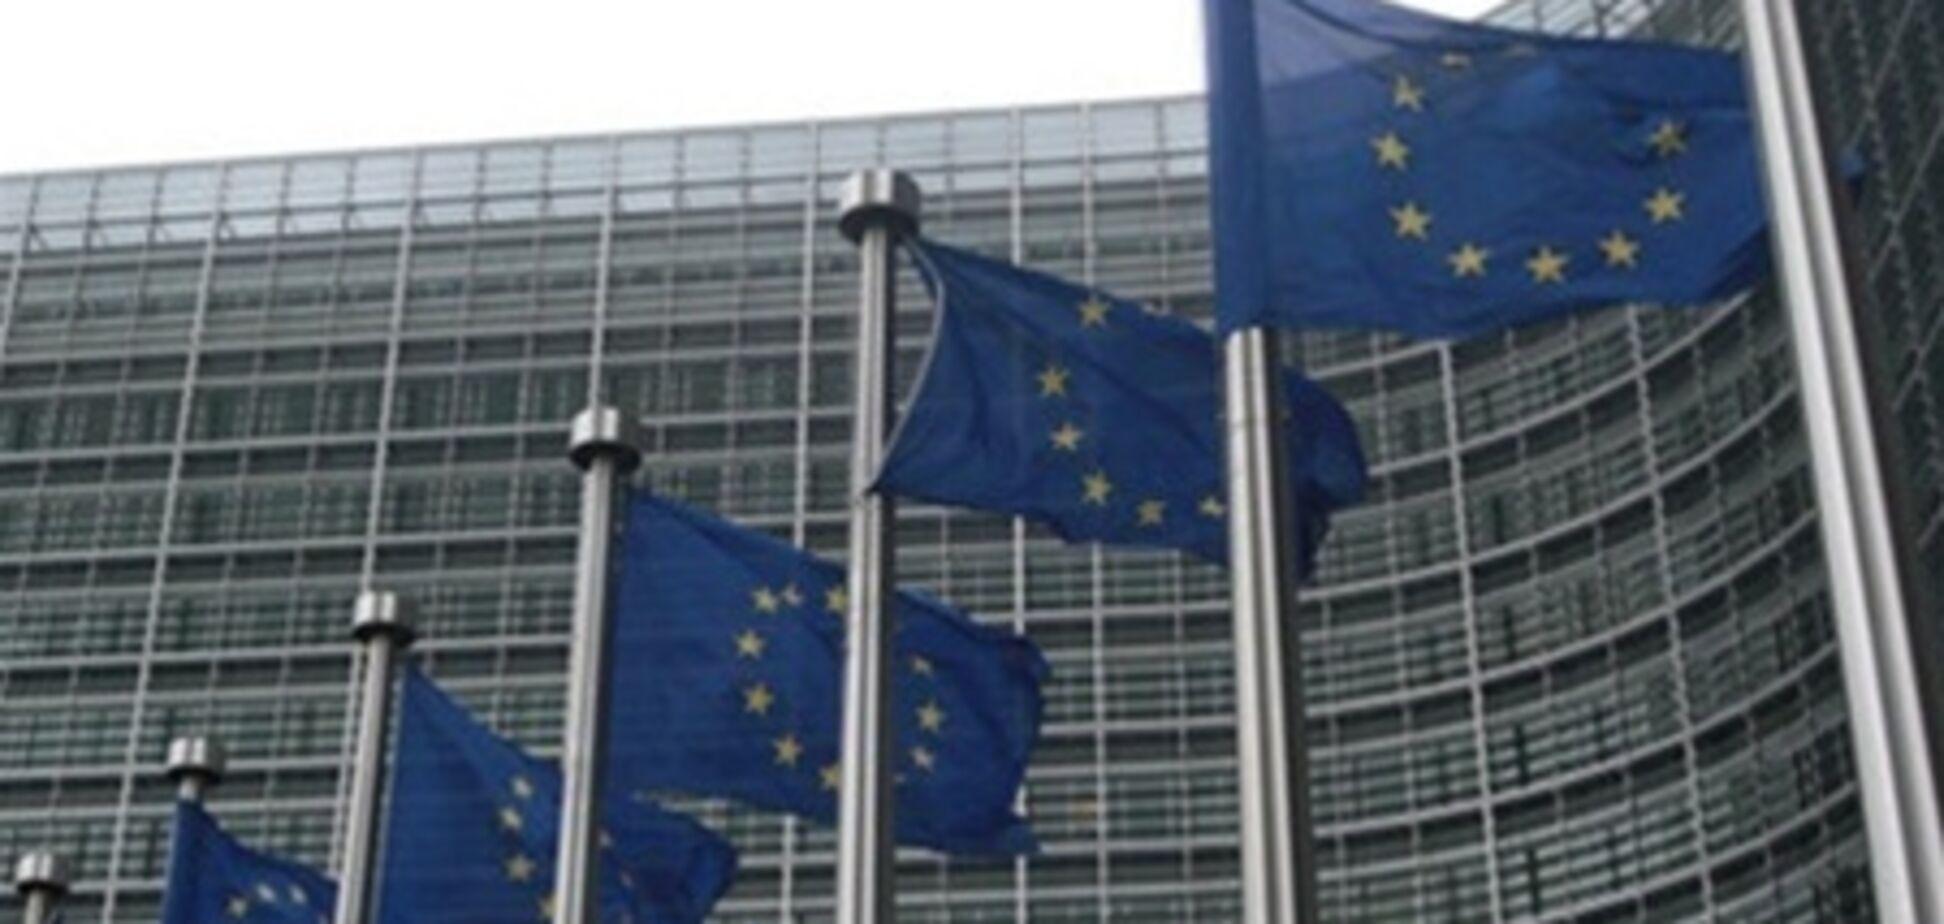 ЄК звинуватила Німеччину в порушенні європейського законодавства